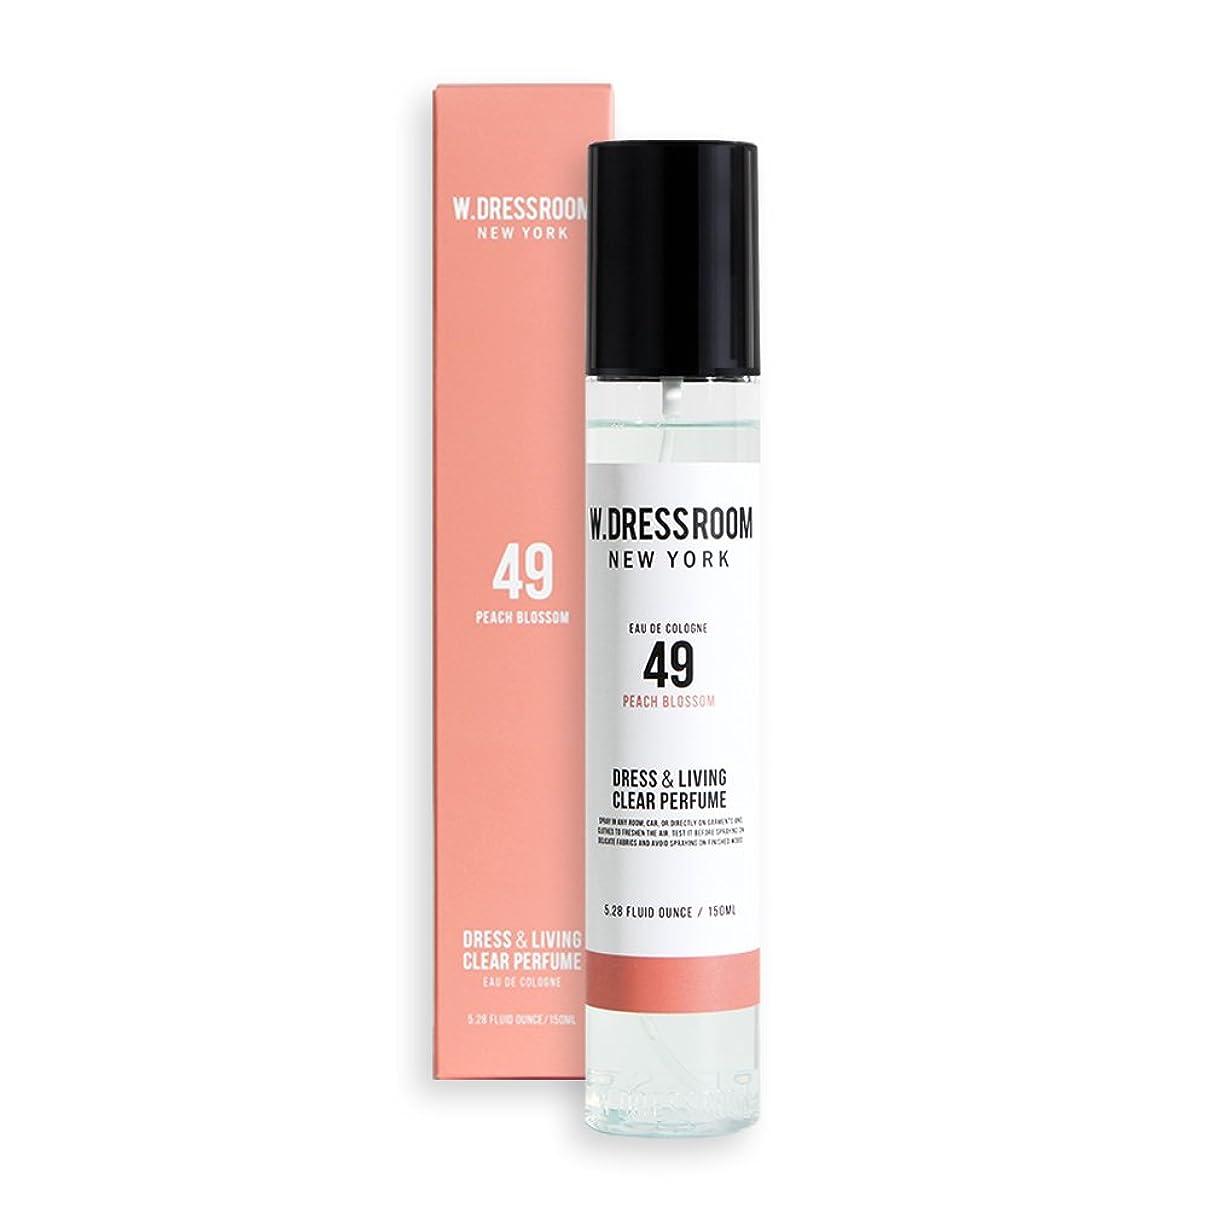 ブルーベル月面一般的にW.Dressroom 香水 エアフレッシャー ホームフレグランススプレー 150ml 49 ピーチブロッサム